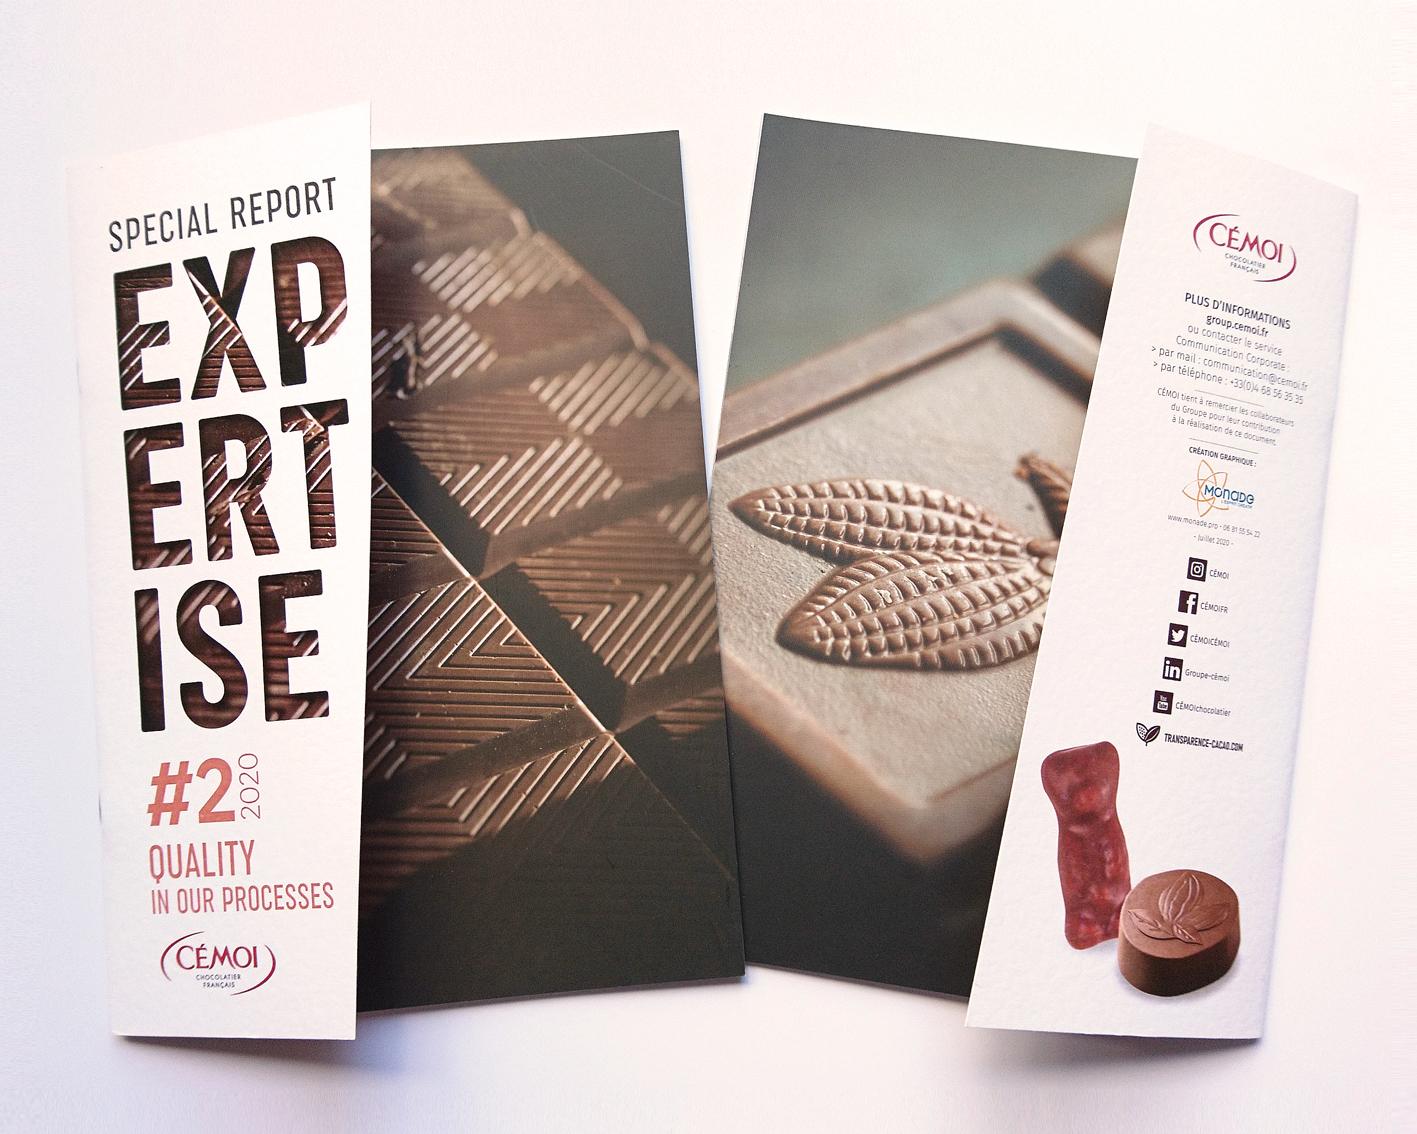 cemoi-livret-expertise2-image2.jpg